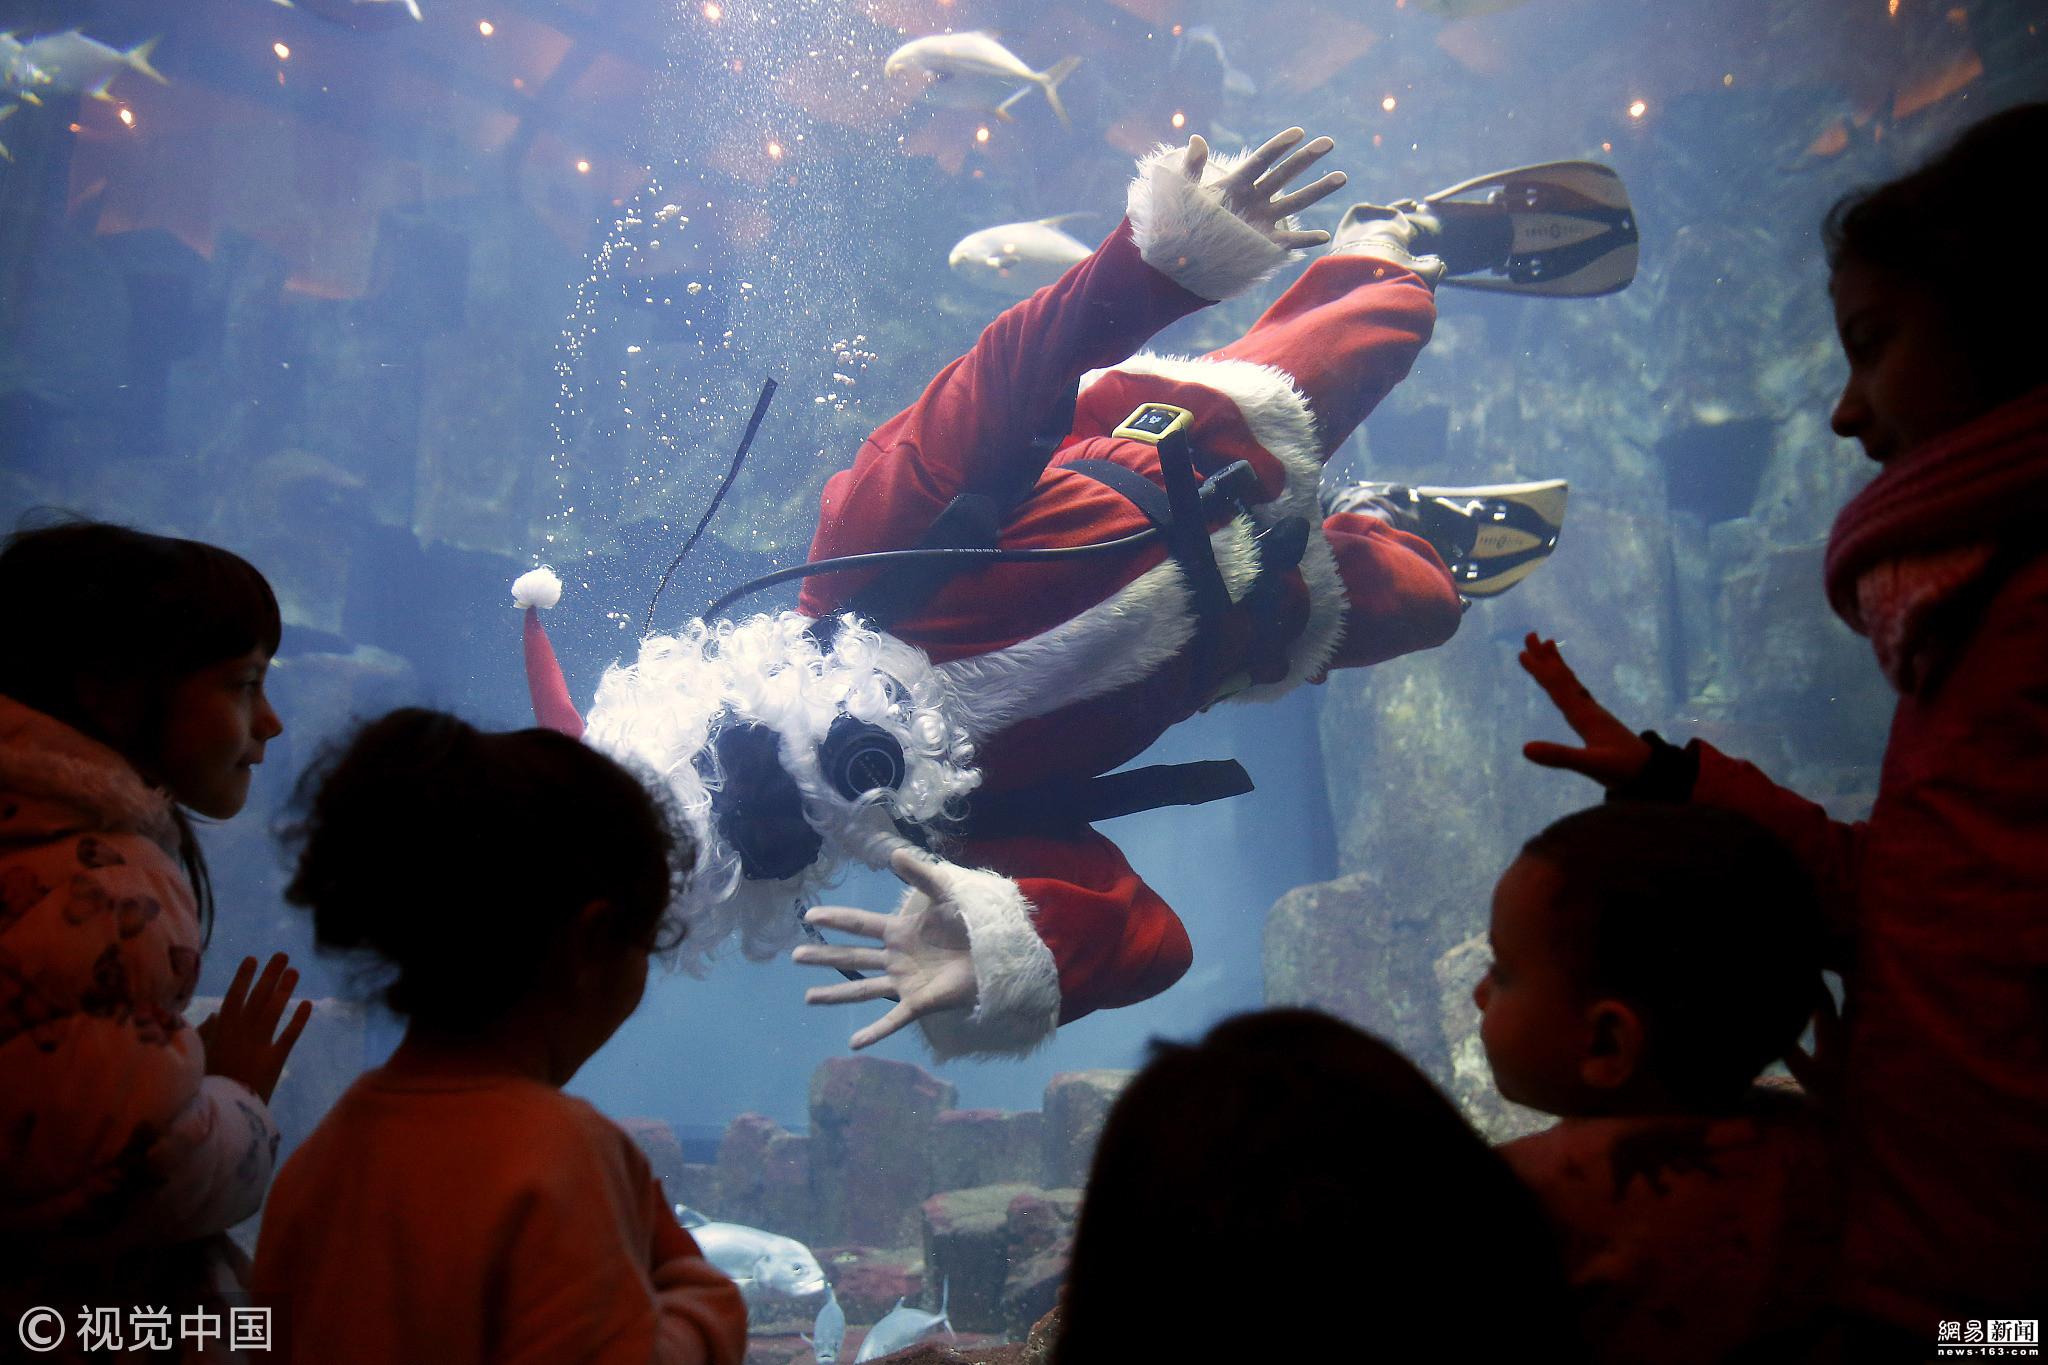 法国巴黎水族馆中潜水员扮圣诞老人与鱼共游